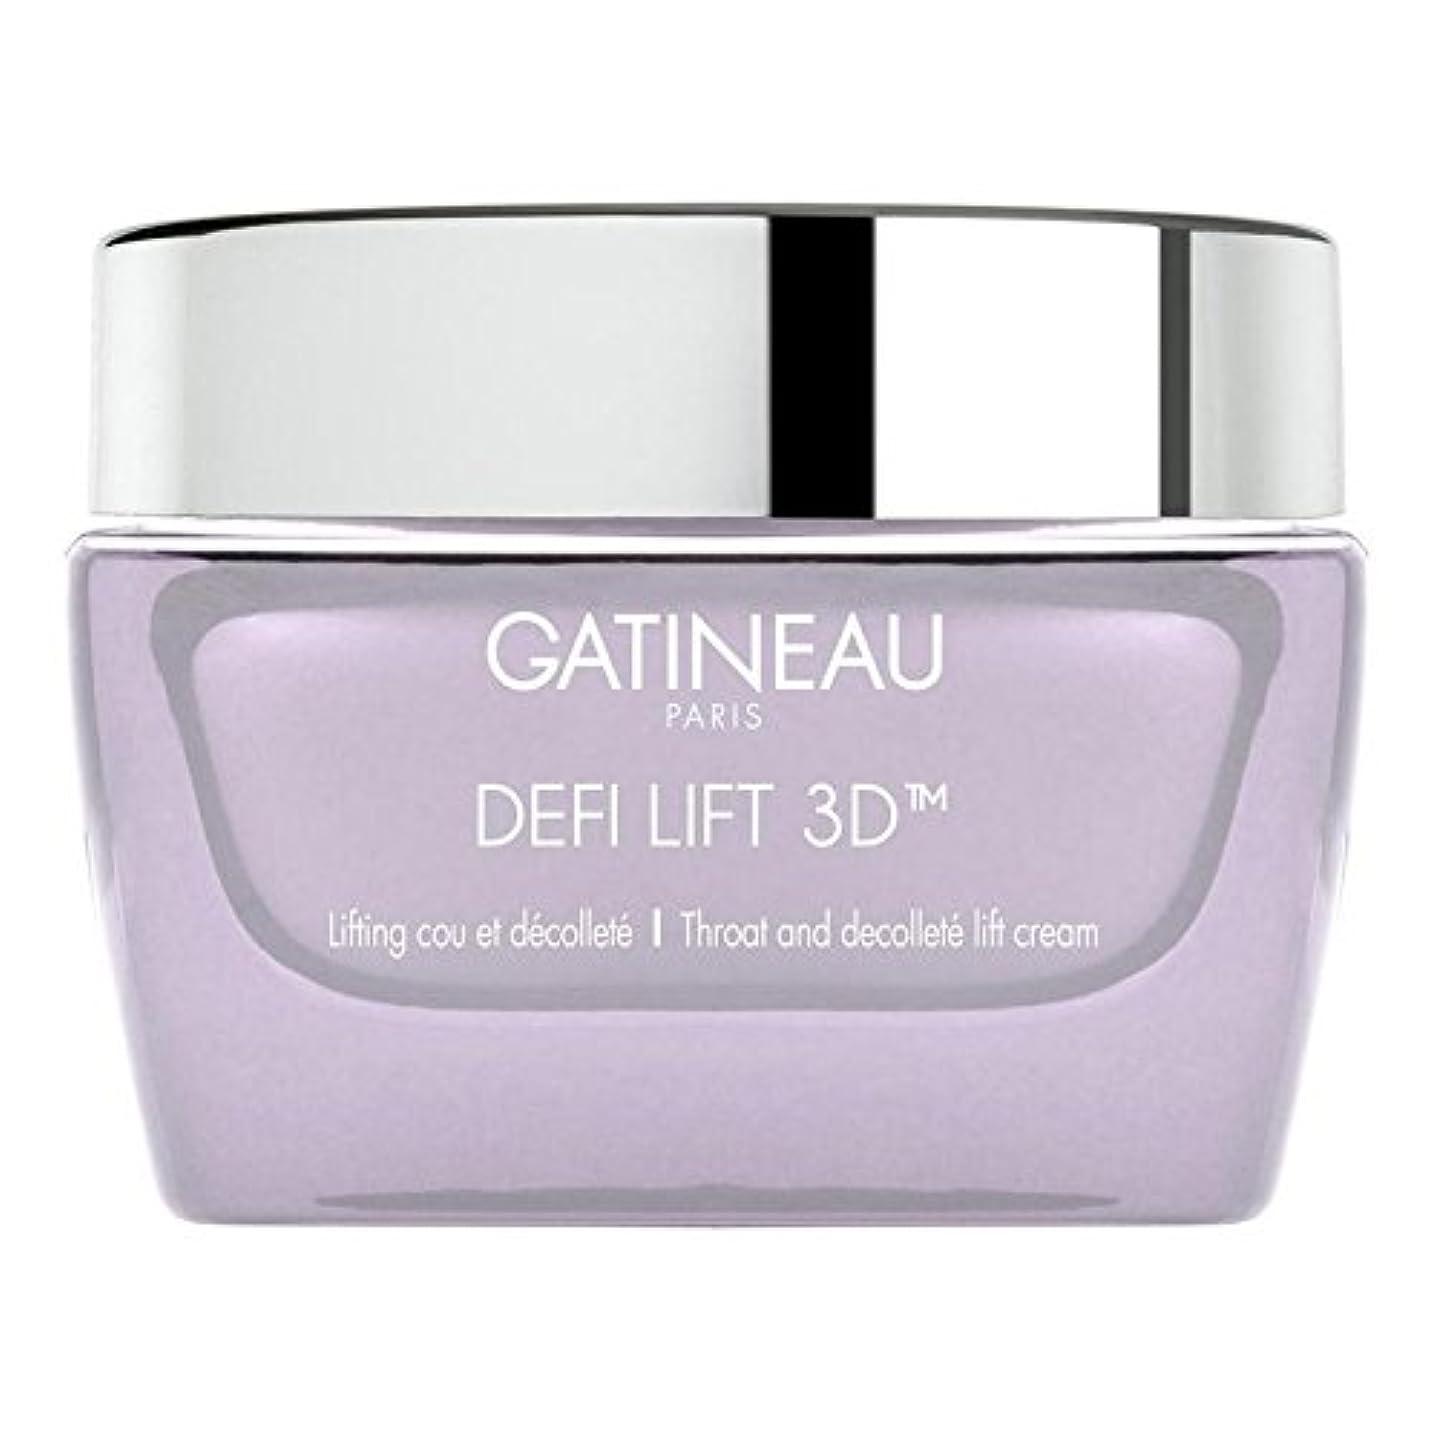 ジャンプリンク飛ぶGatineau DefiLIFT 3D Throat and Decollette Lift Cream 50ml (Pack of 6) - ガティノー 3喉とリフトクリーム50 x6 [並行輸入品]